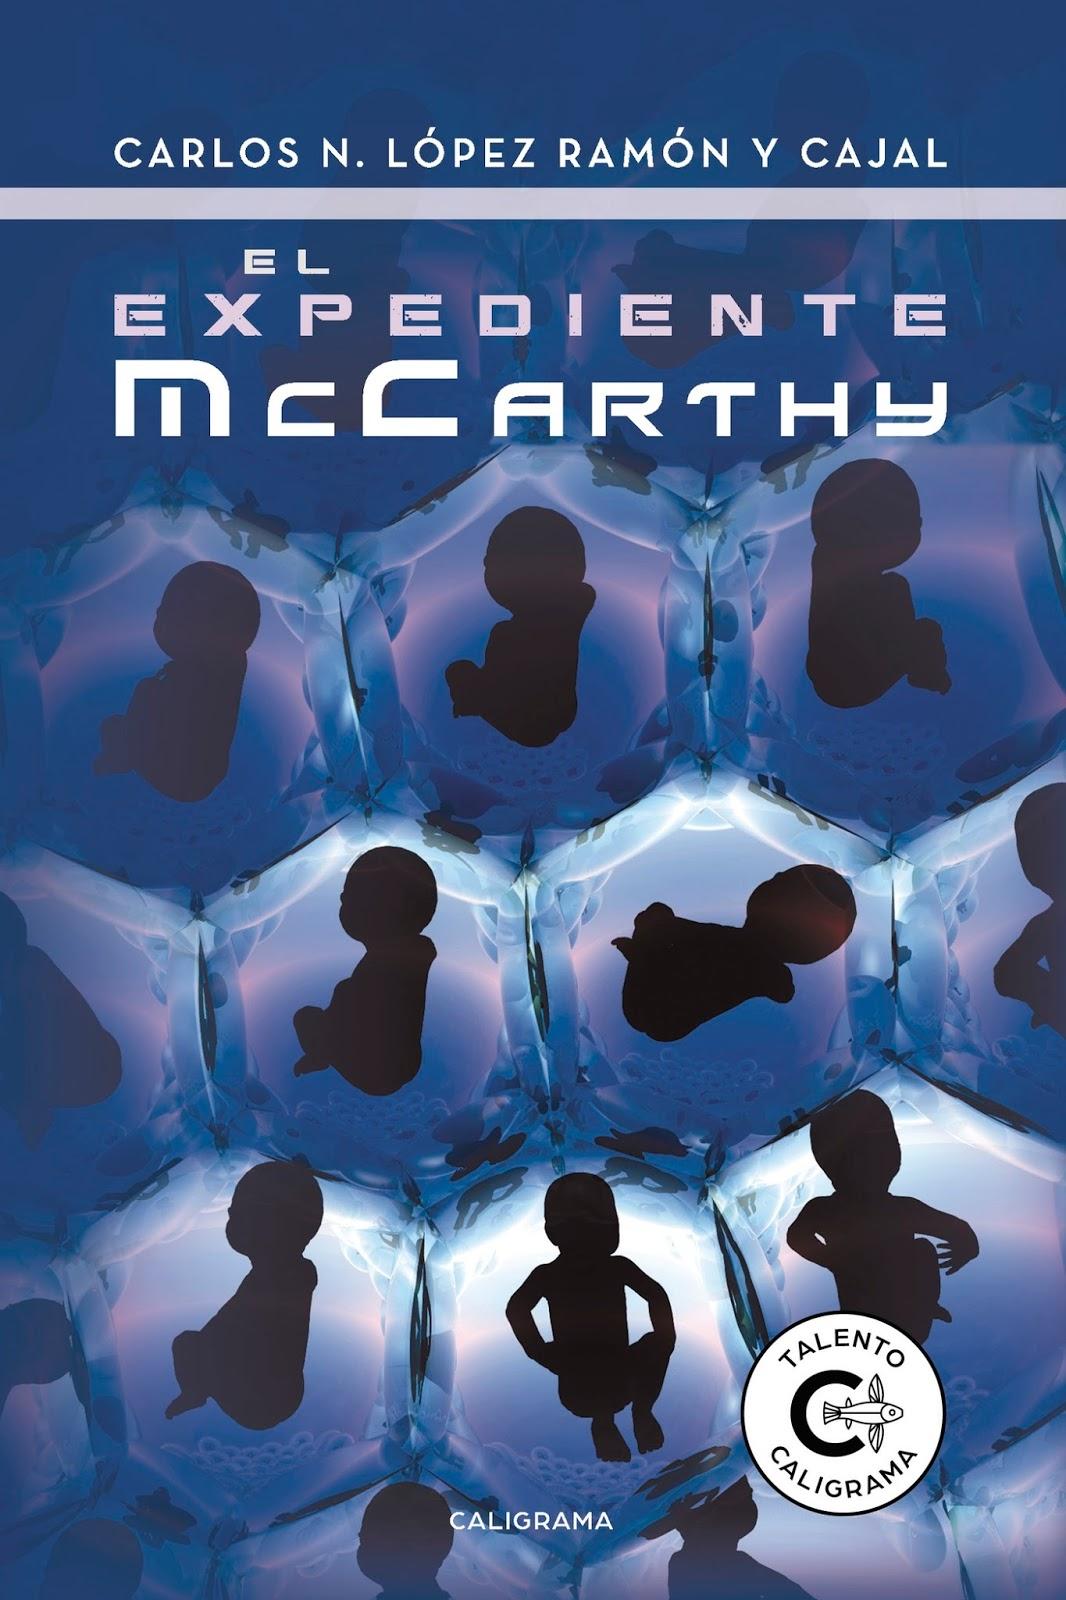 El expediente McCarthy, primera novela de Carlos N. López Ramón y Cajal